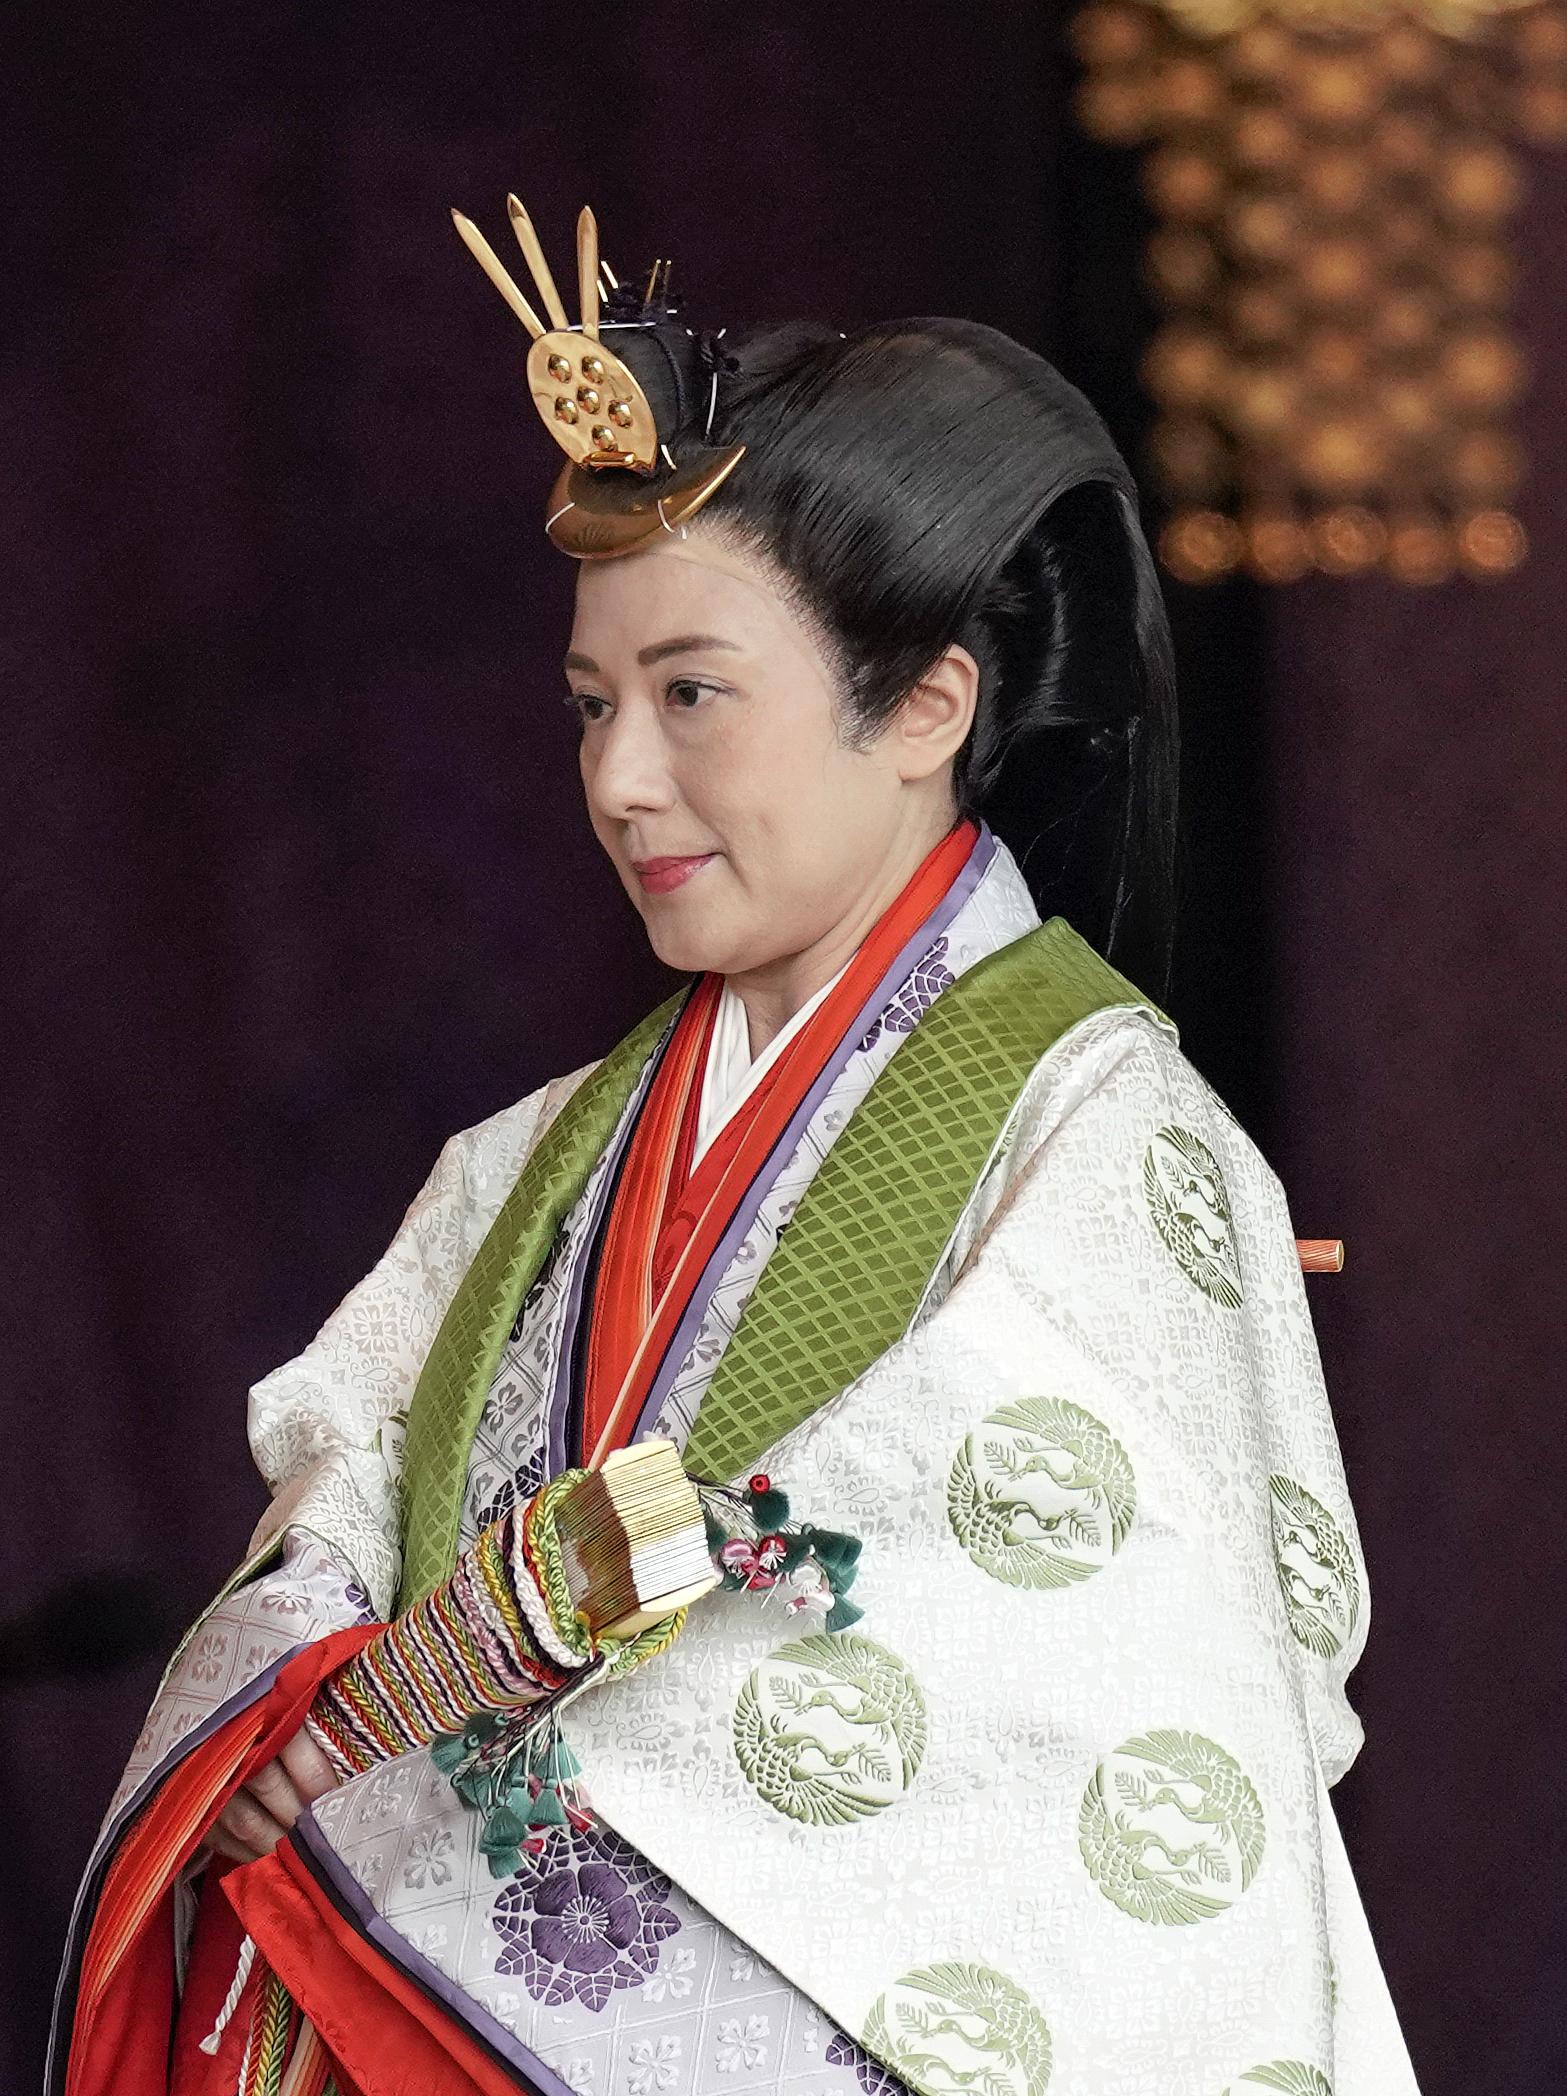 Masako es la nueva emperatriz japonesa. (AP)